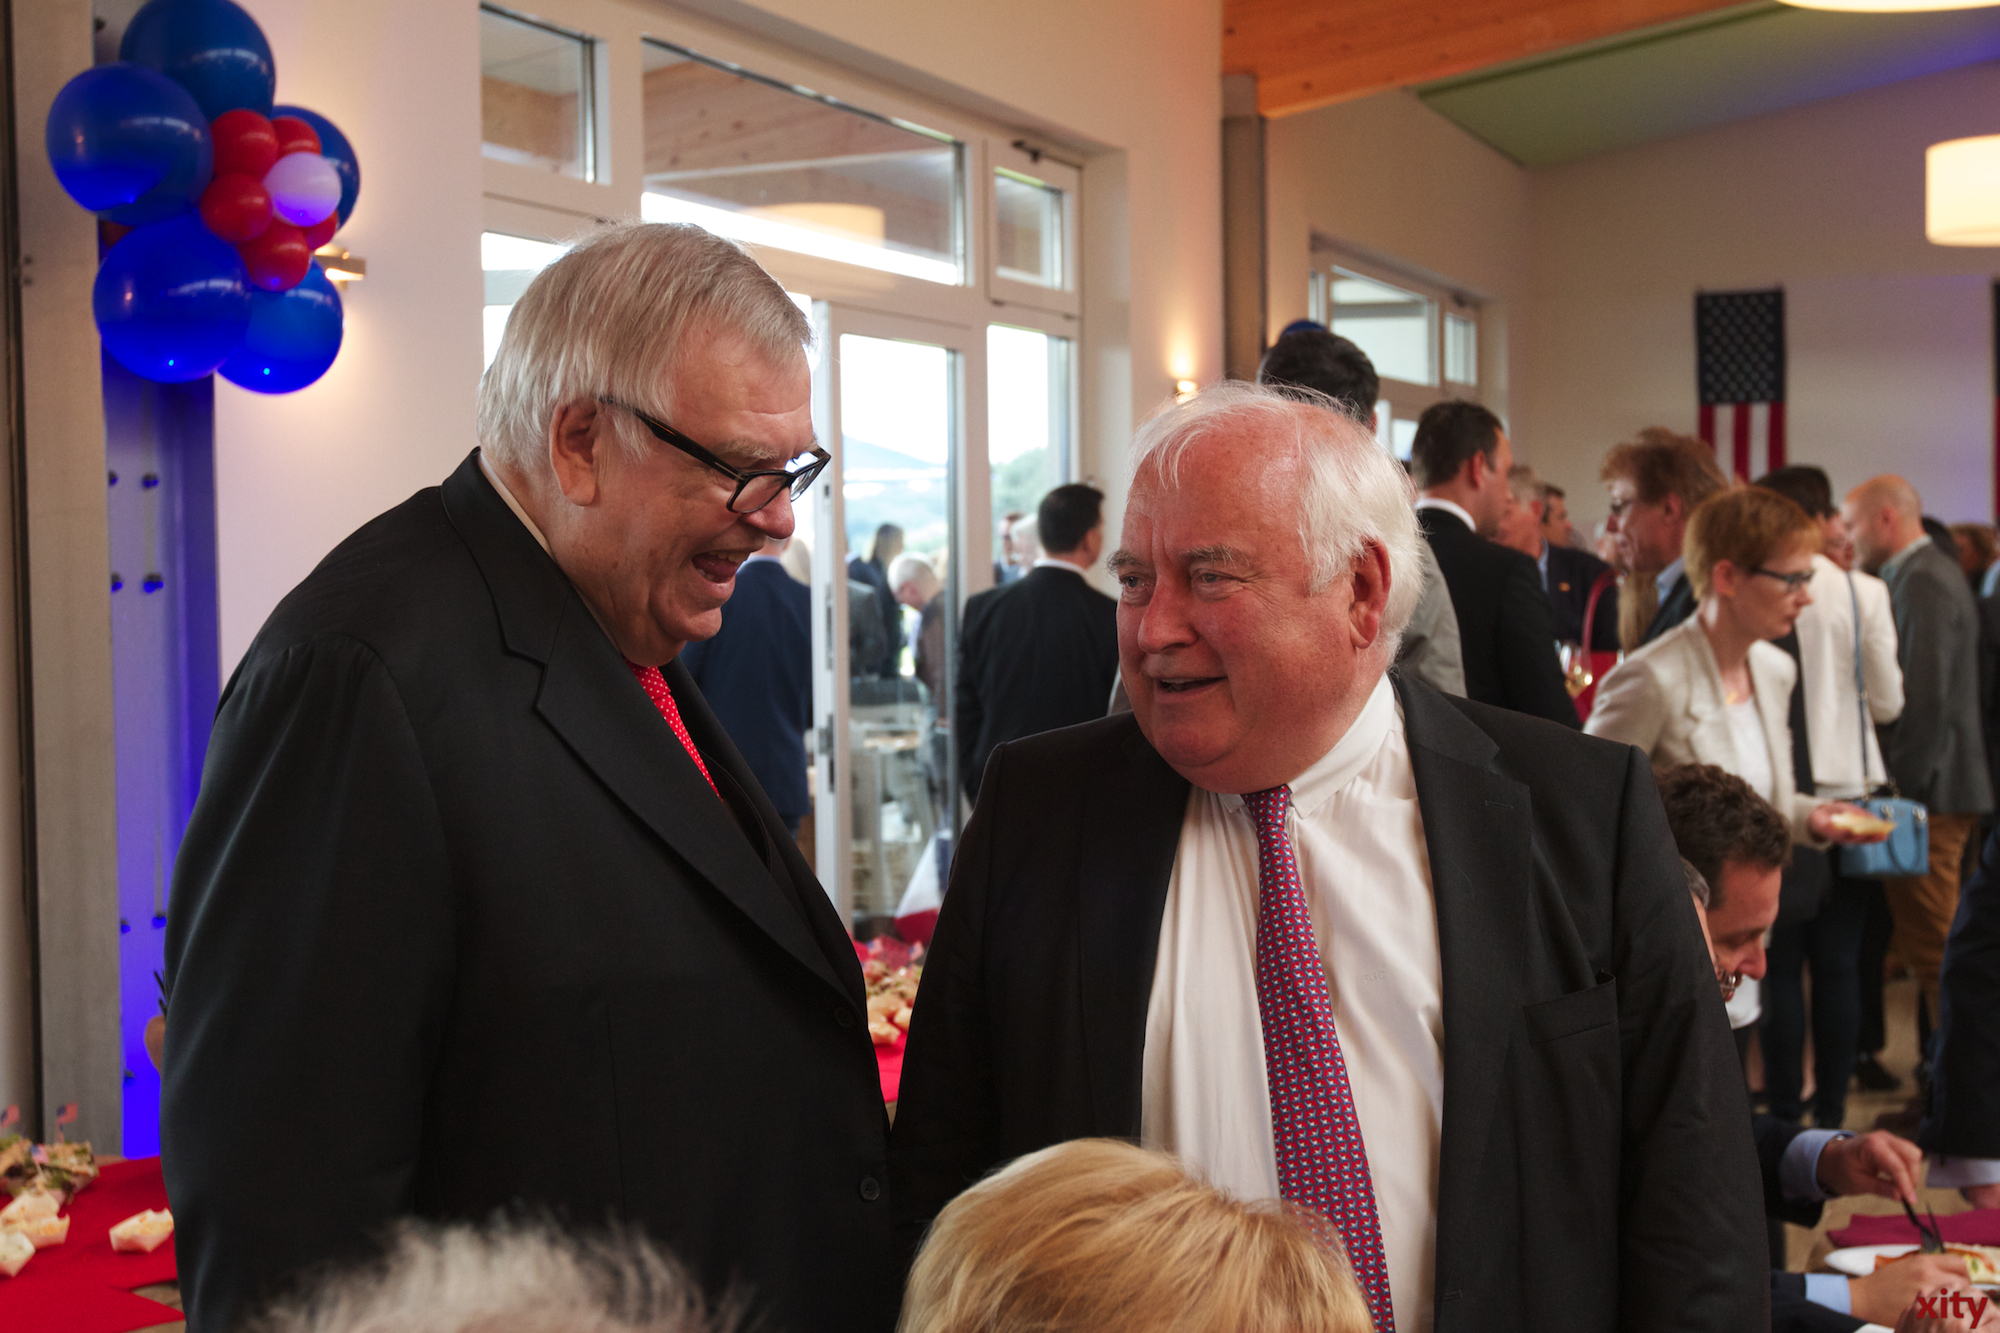 Bei der Feier konnten sich Deutsche und Amerikanische Gäste untereinander austauschen (Foto: xity)